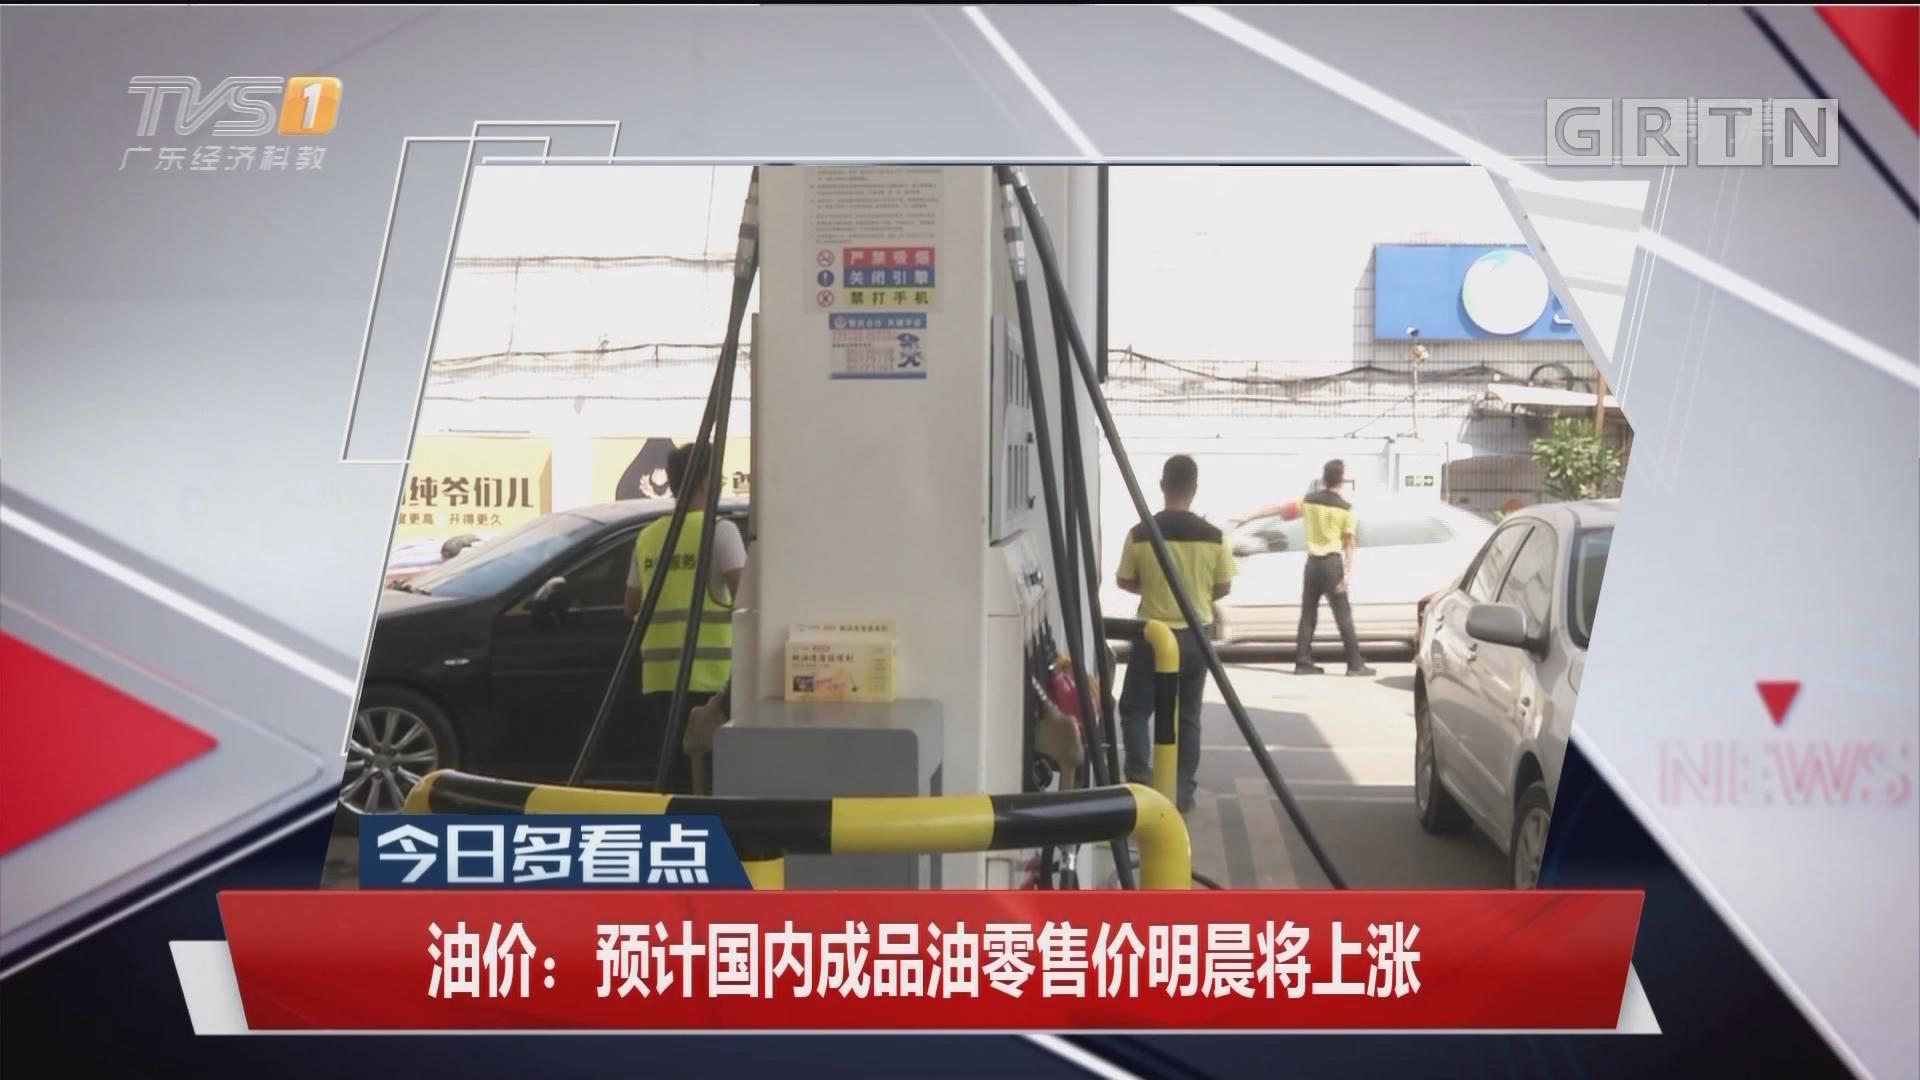 油价:预计国内成品油零售价明晨将上涨